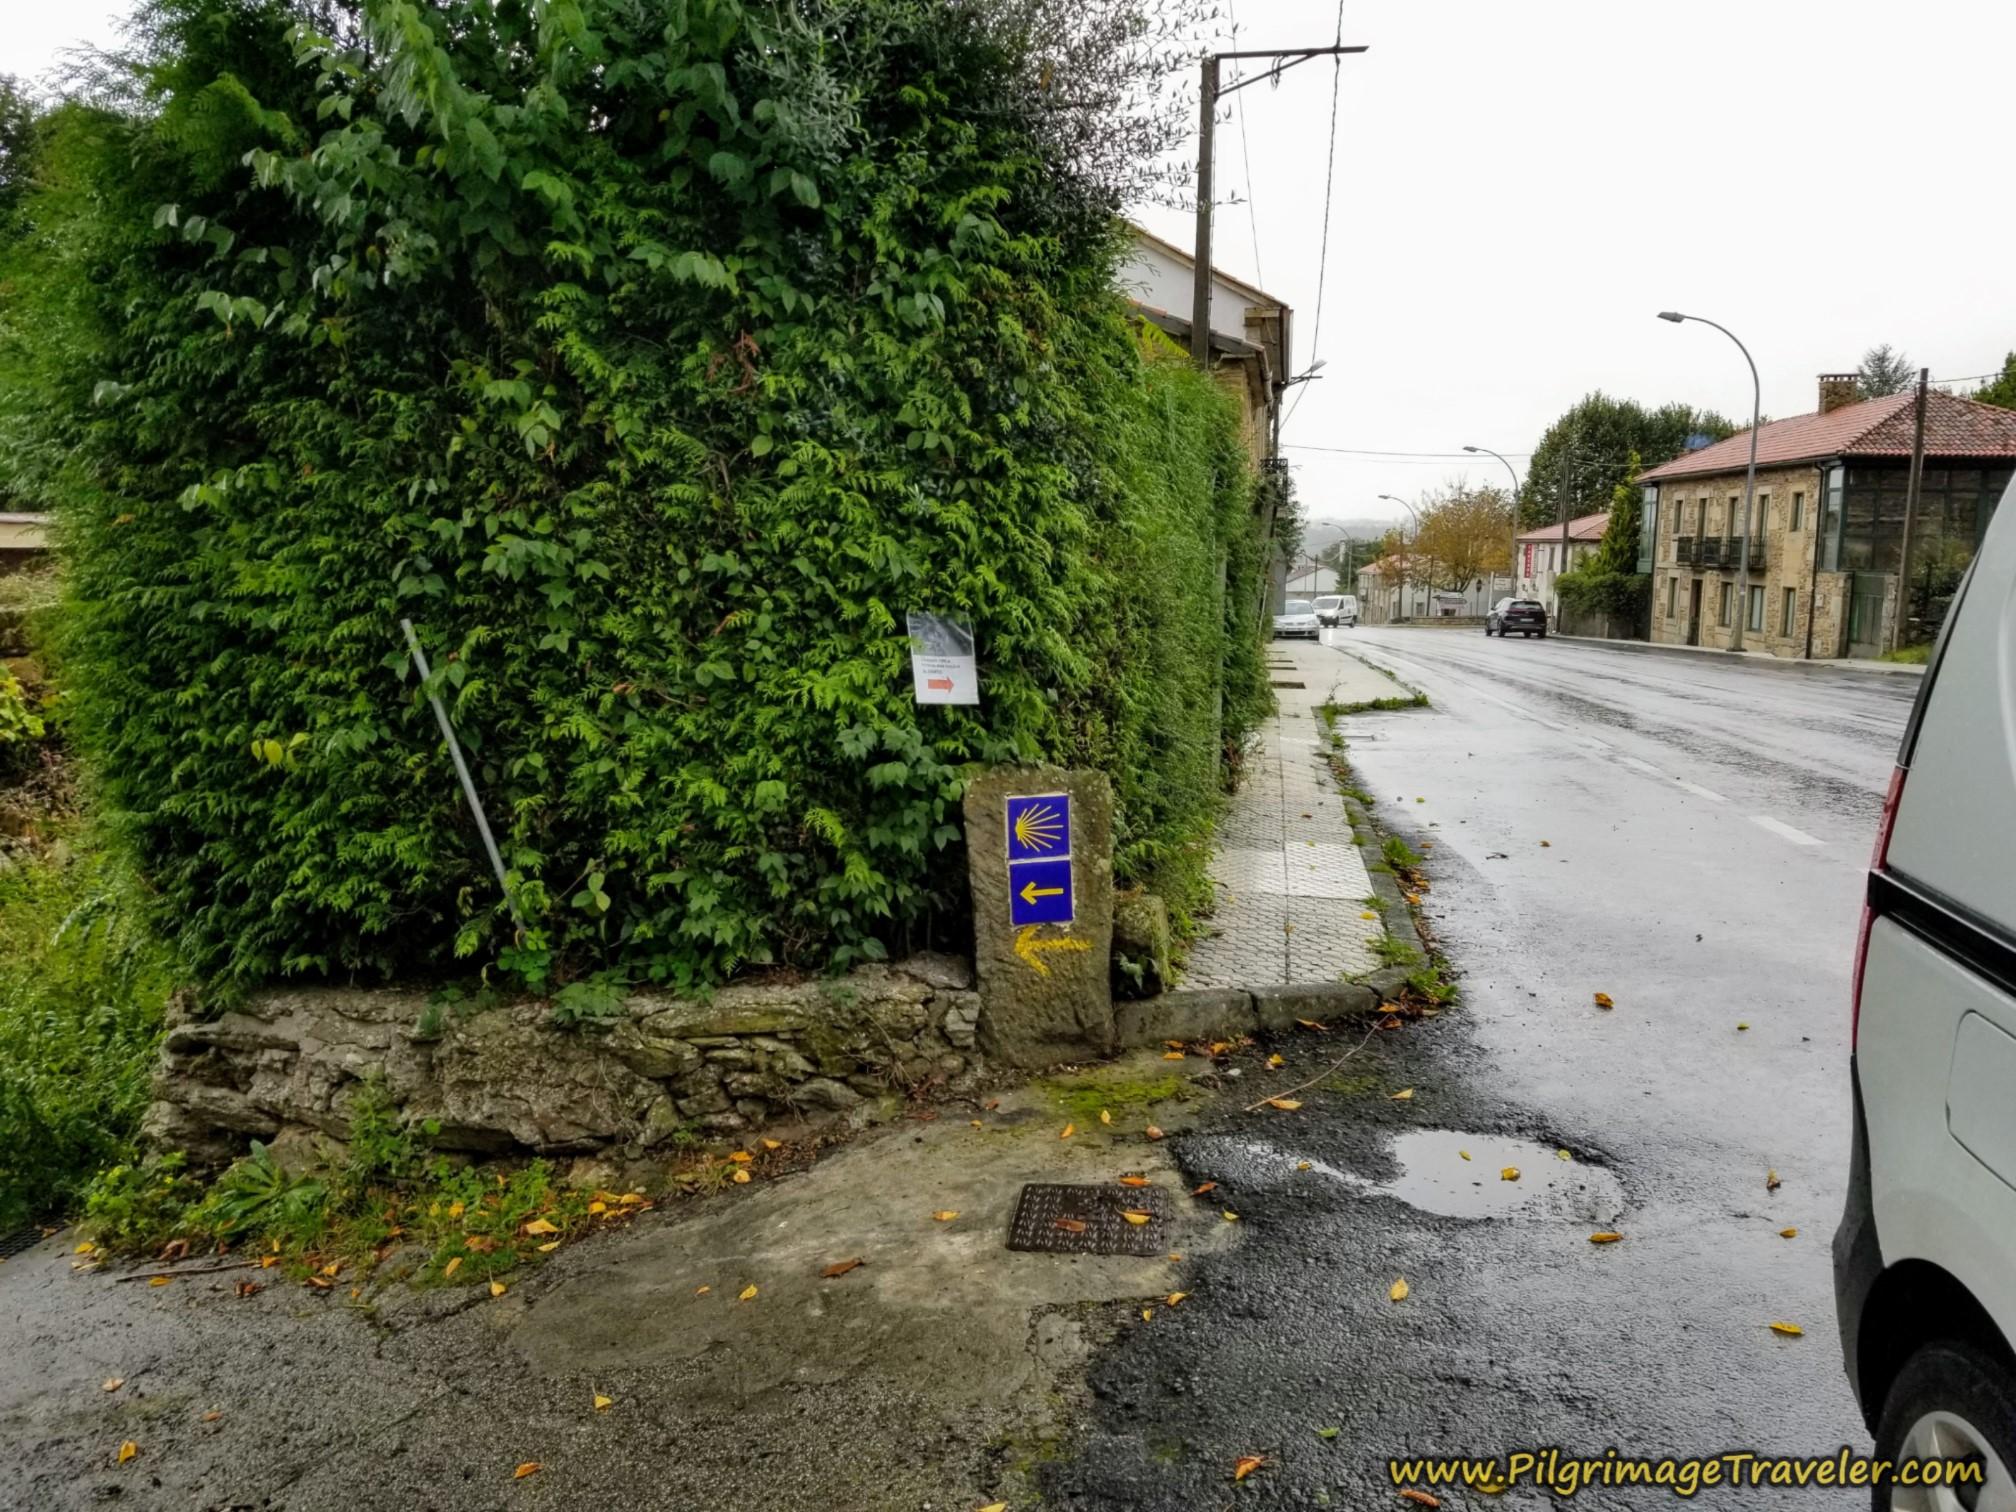 Leave the N-525 on this Path on the Camino Sanabrés, Estación de Lalín to Bandeira